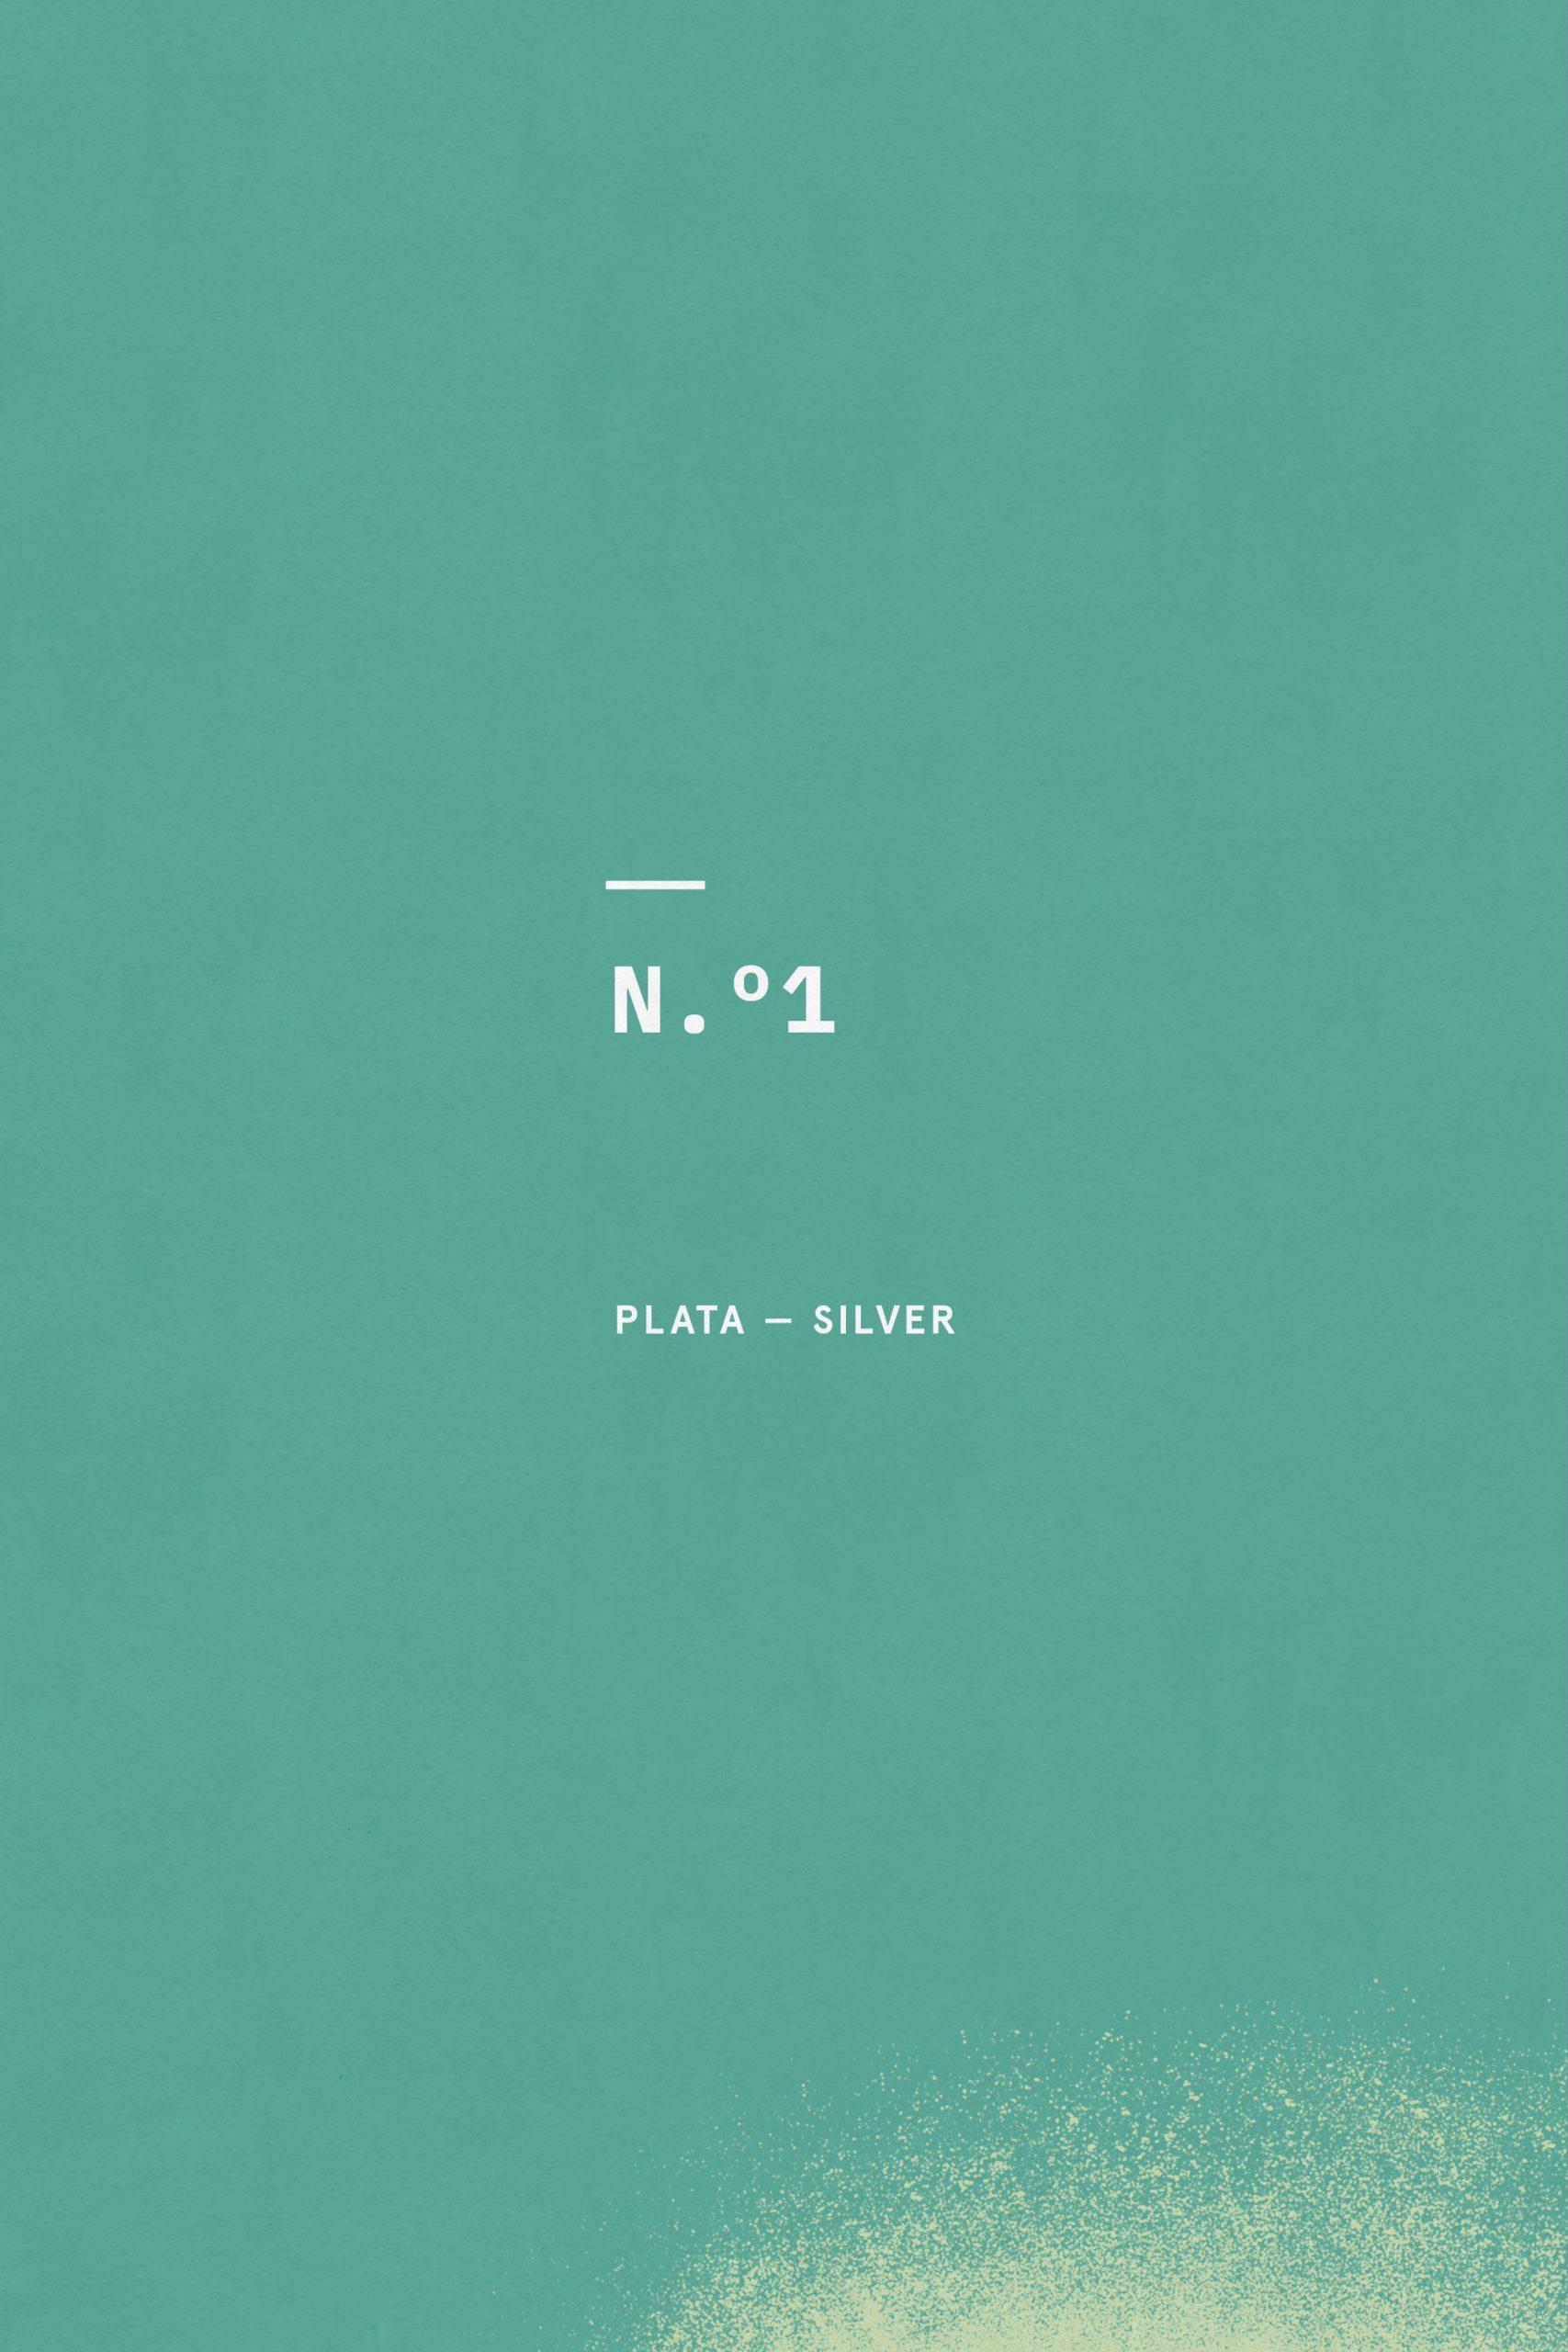 WEB_04_PLATABREAK_world-brand-design